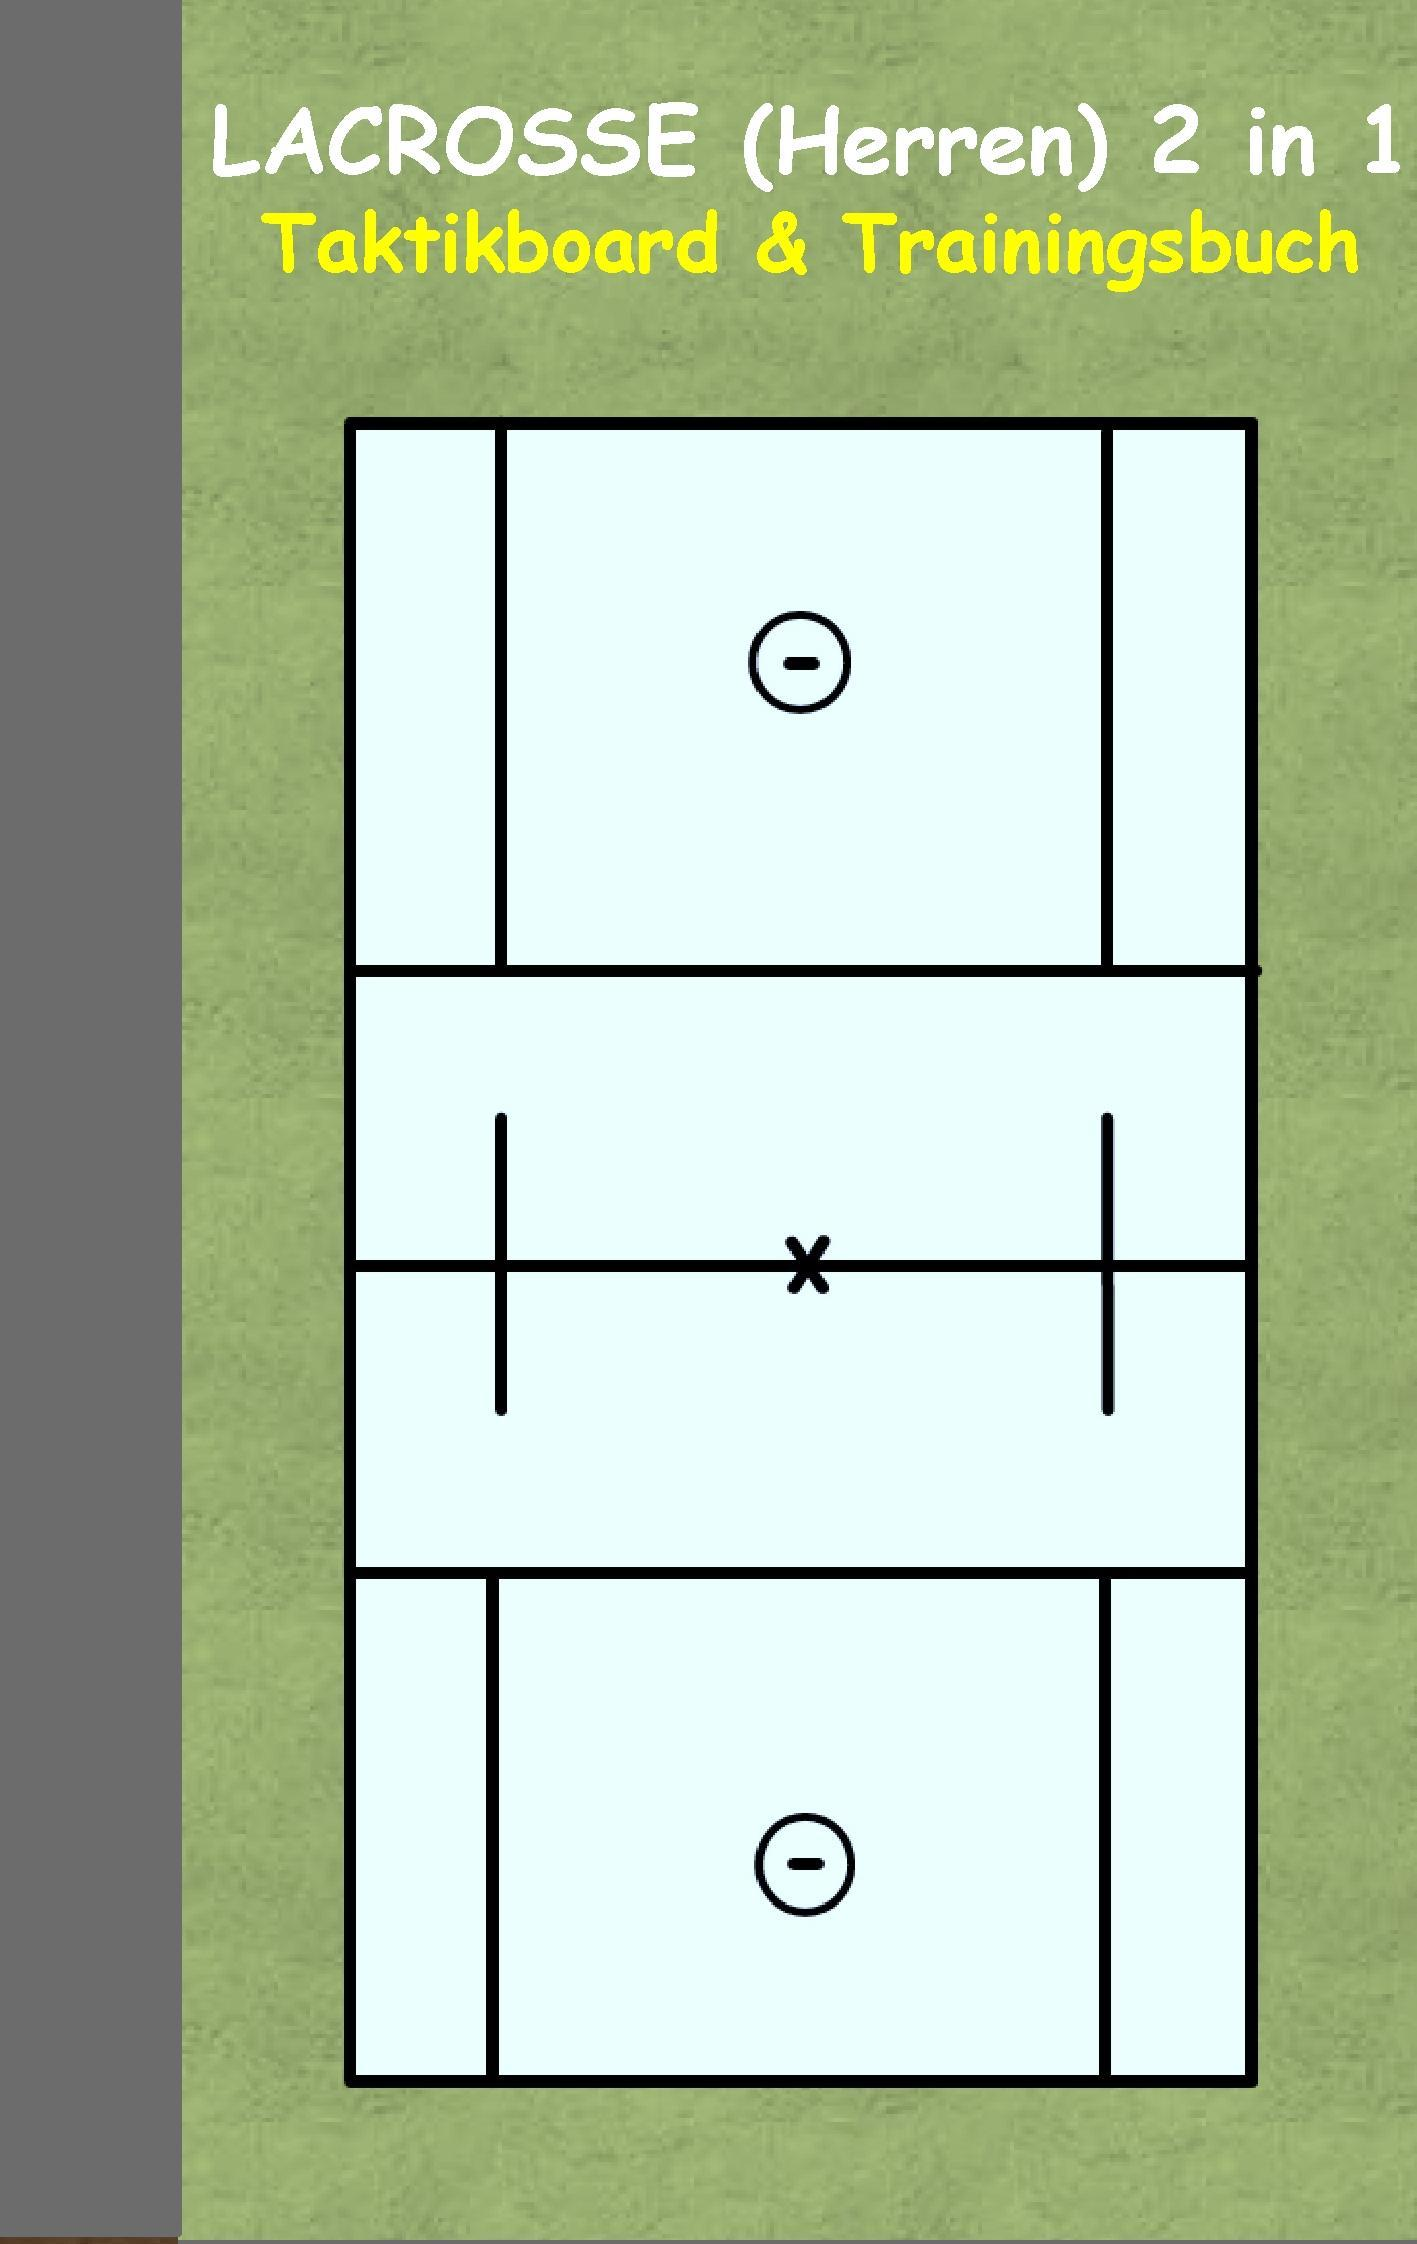 Lacrosse (Herren): 2 in 1 Notiz- und Taktikblock im Pocketformat